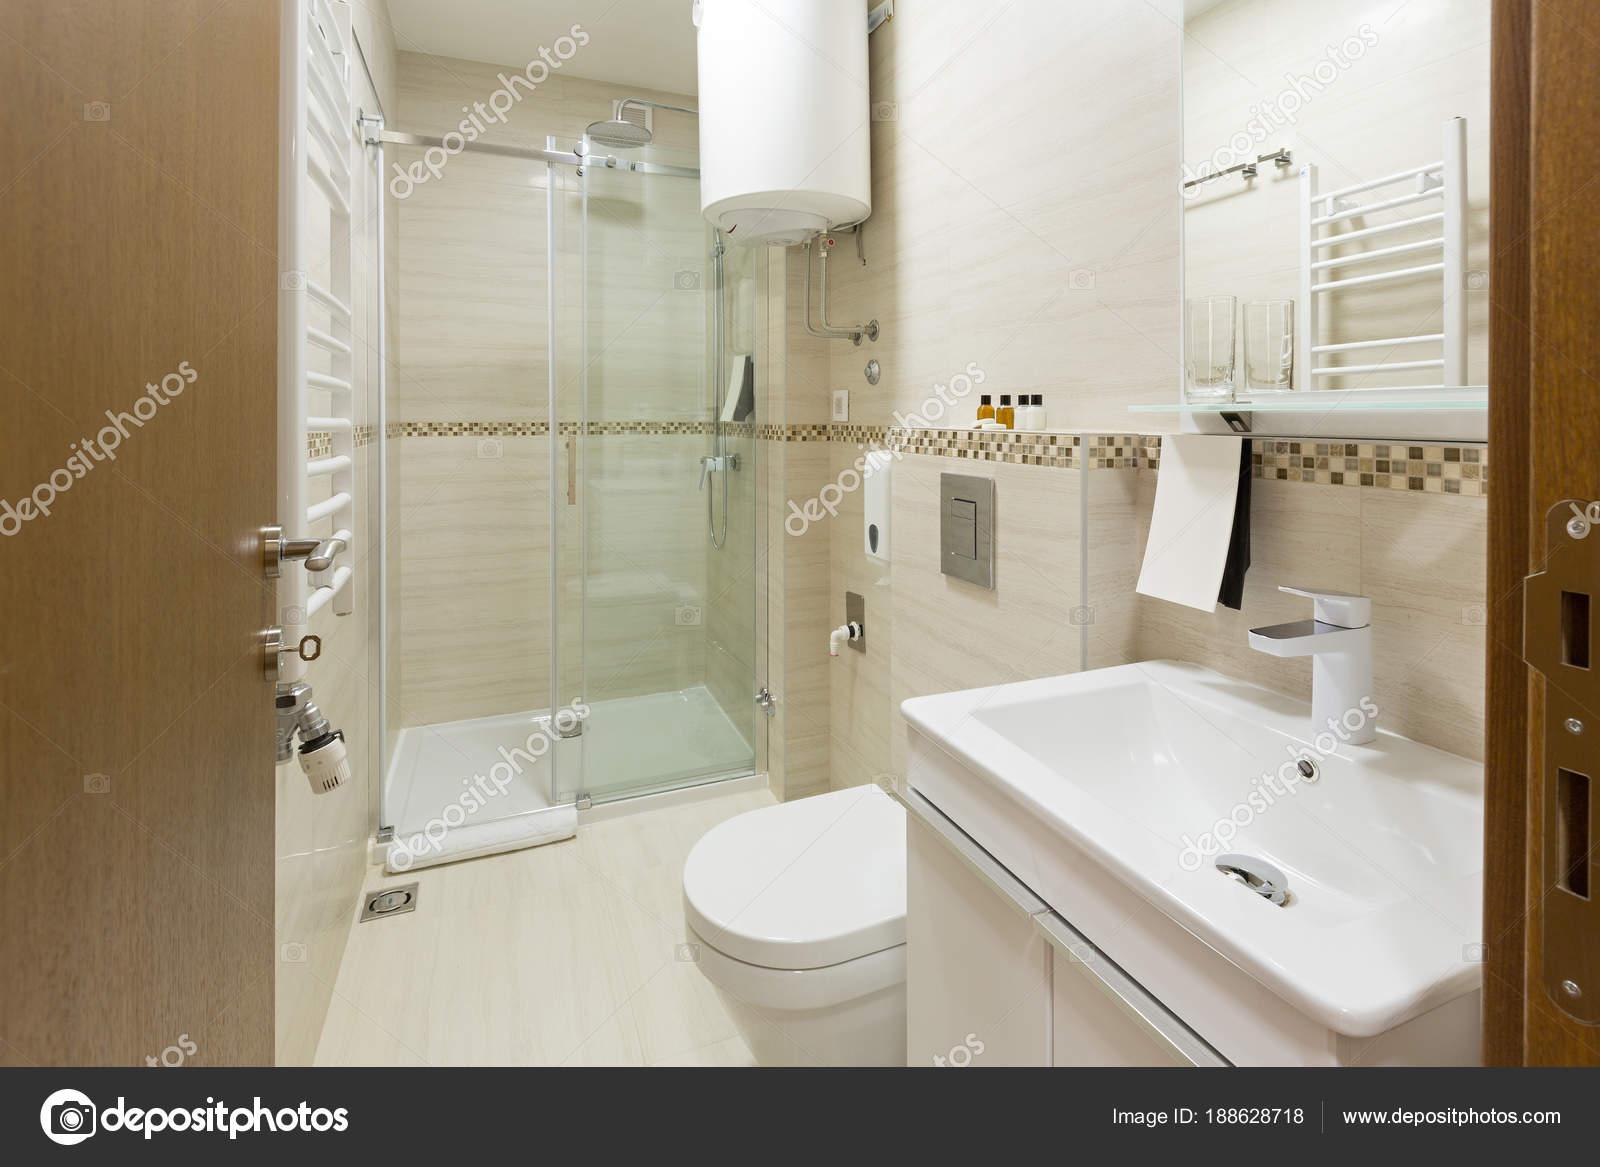 Interieur van een hotel-badkamer met douchecabine — Stockfoto ...